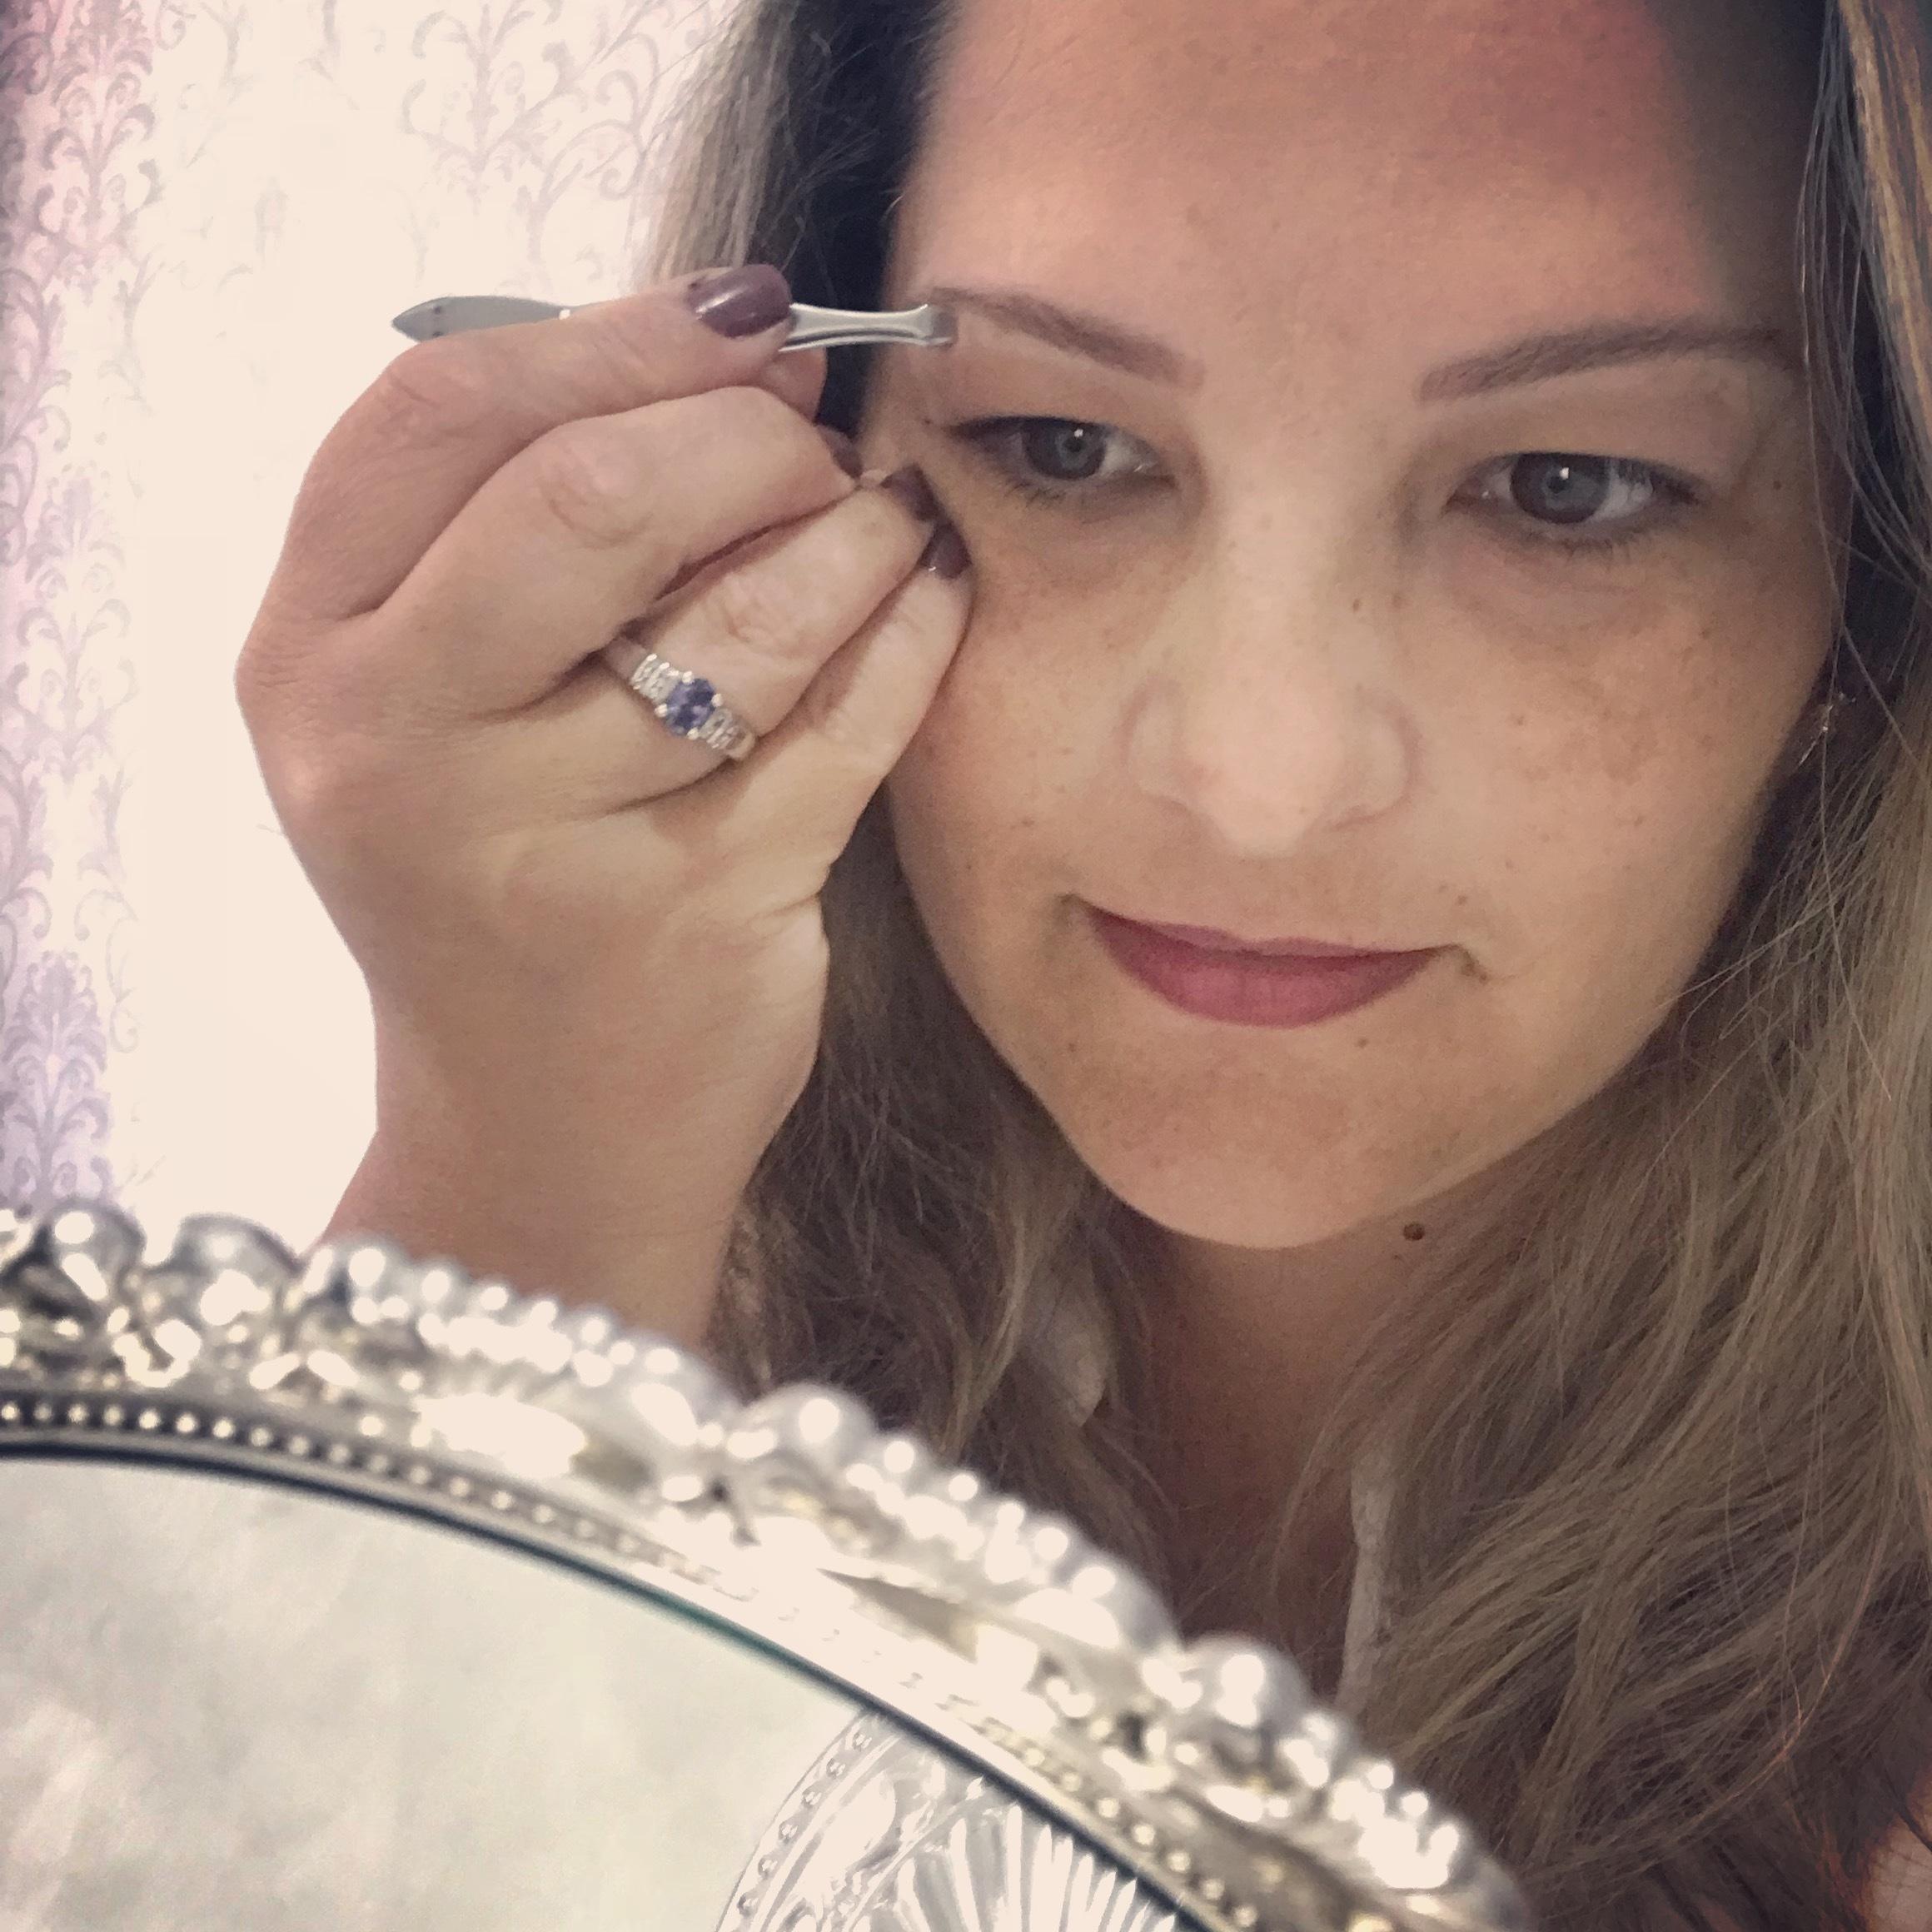 Entre uma cliente e outra a gente se cuida rsrs #simonerodriguesdepil #eumecuido estética designer de sobrancelhas esteticista depilador(a) micropigmentador(a)